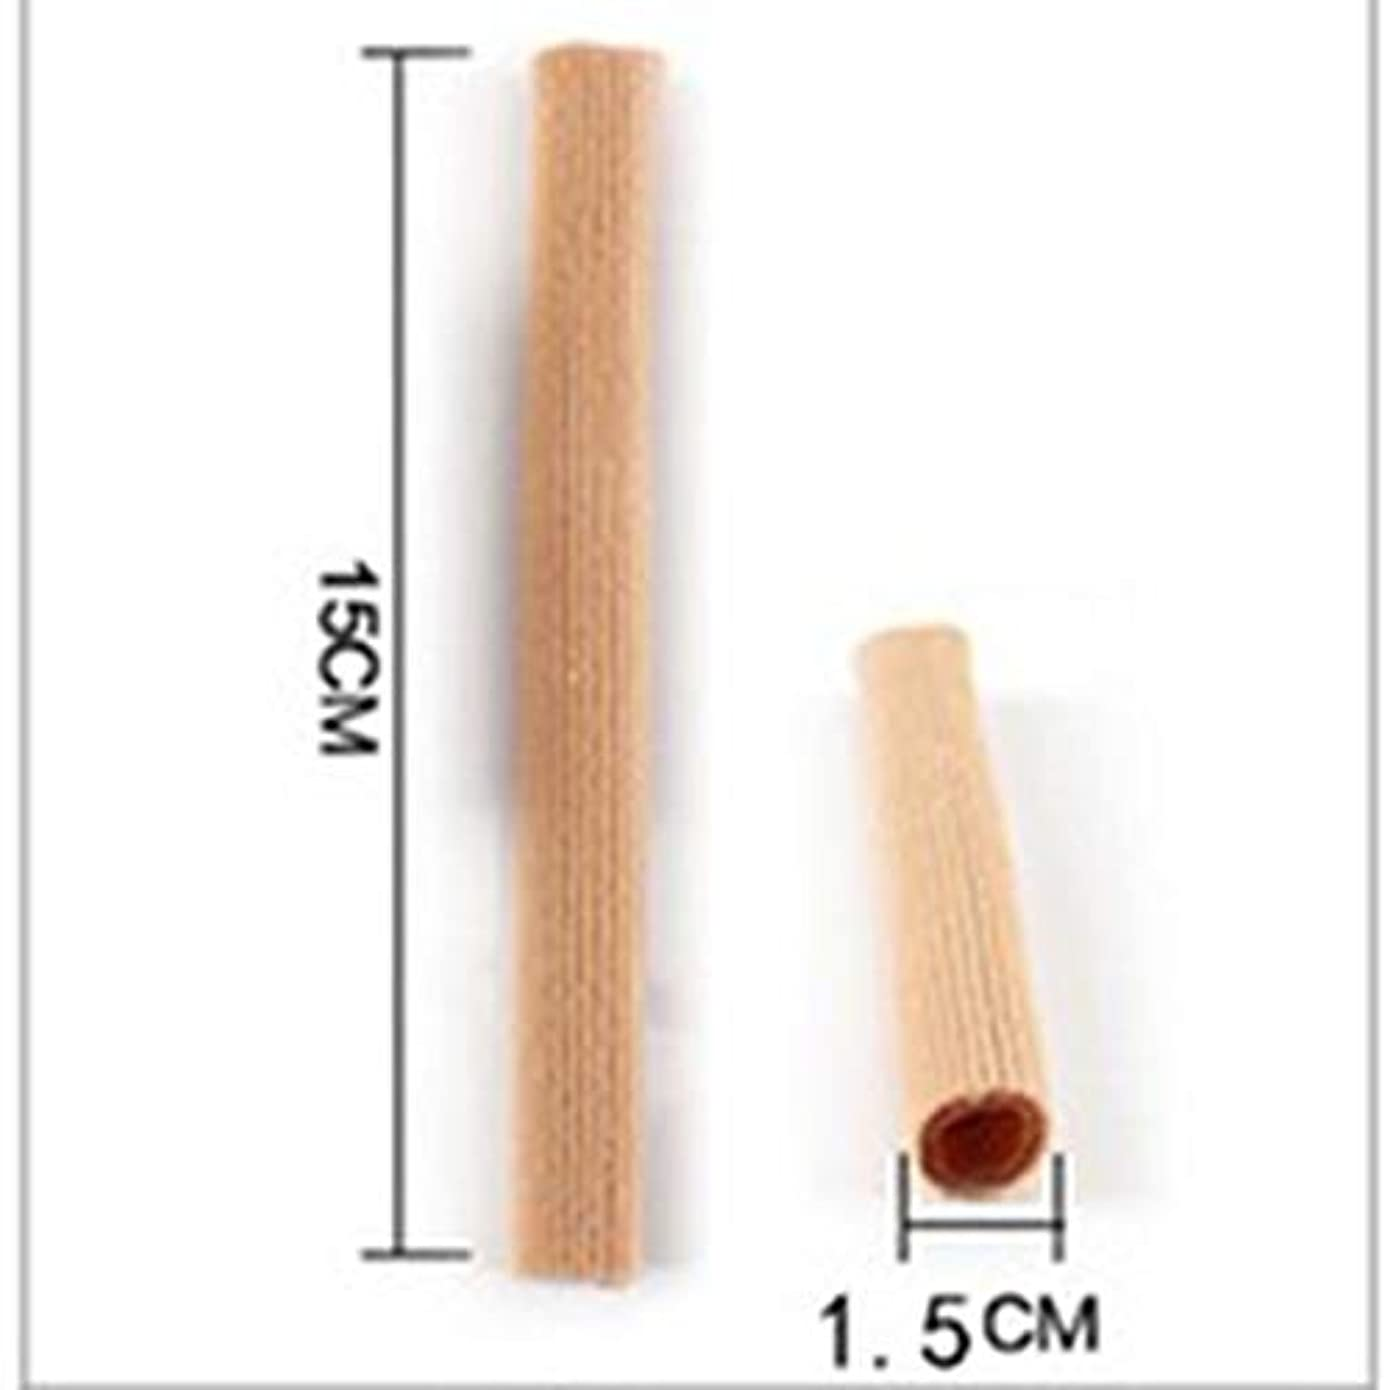 海上確実ボイコットOpen Toe Tubes Gel Lined Fabric Sleeve Protectors To Prevent Corns, Calluses And Blisters While Softening And...